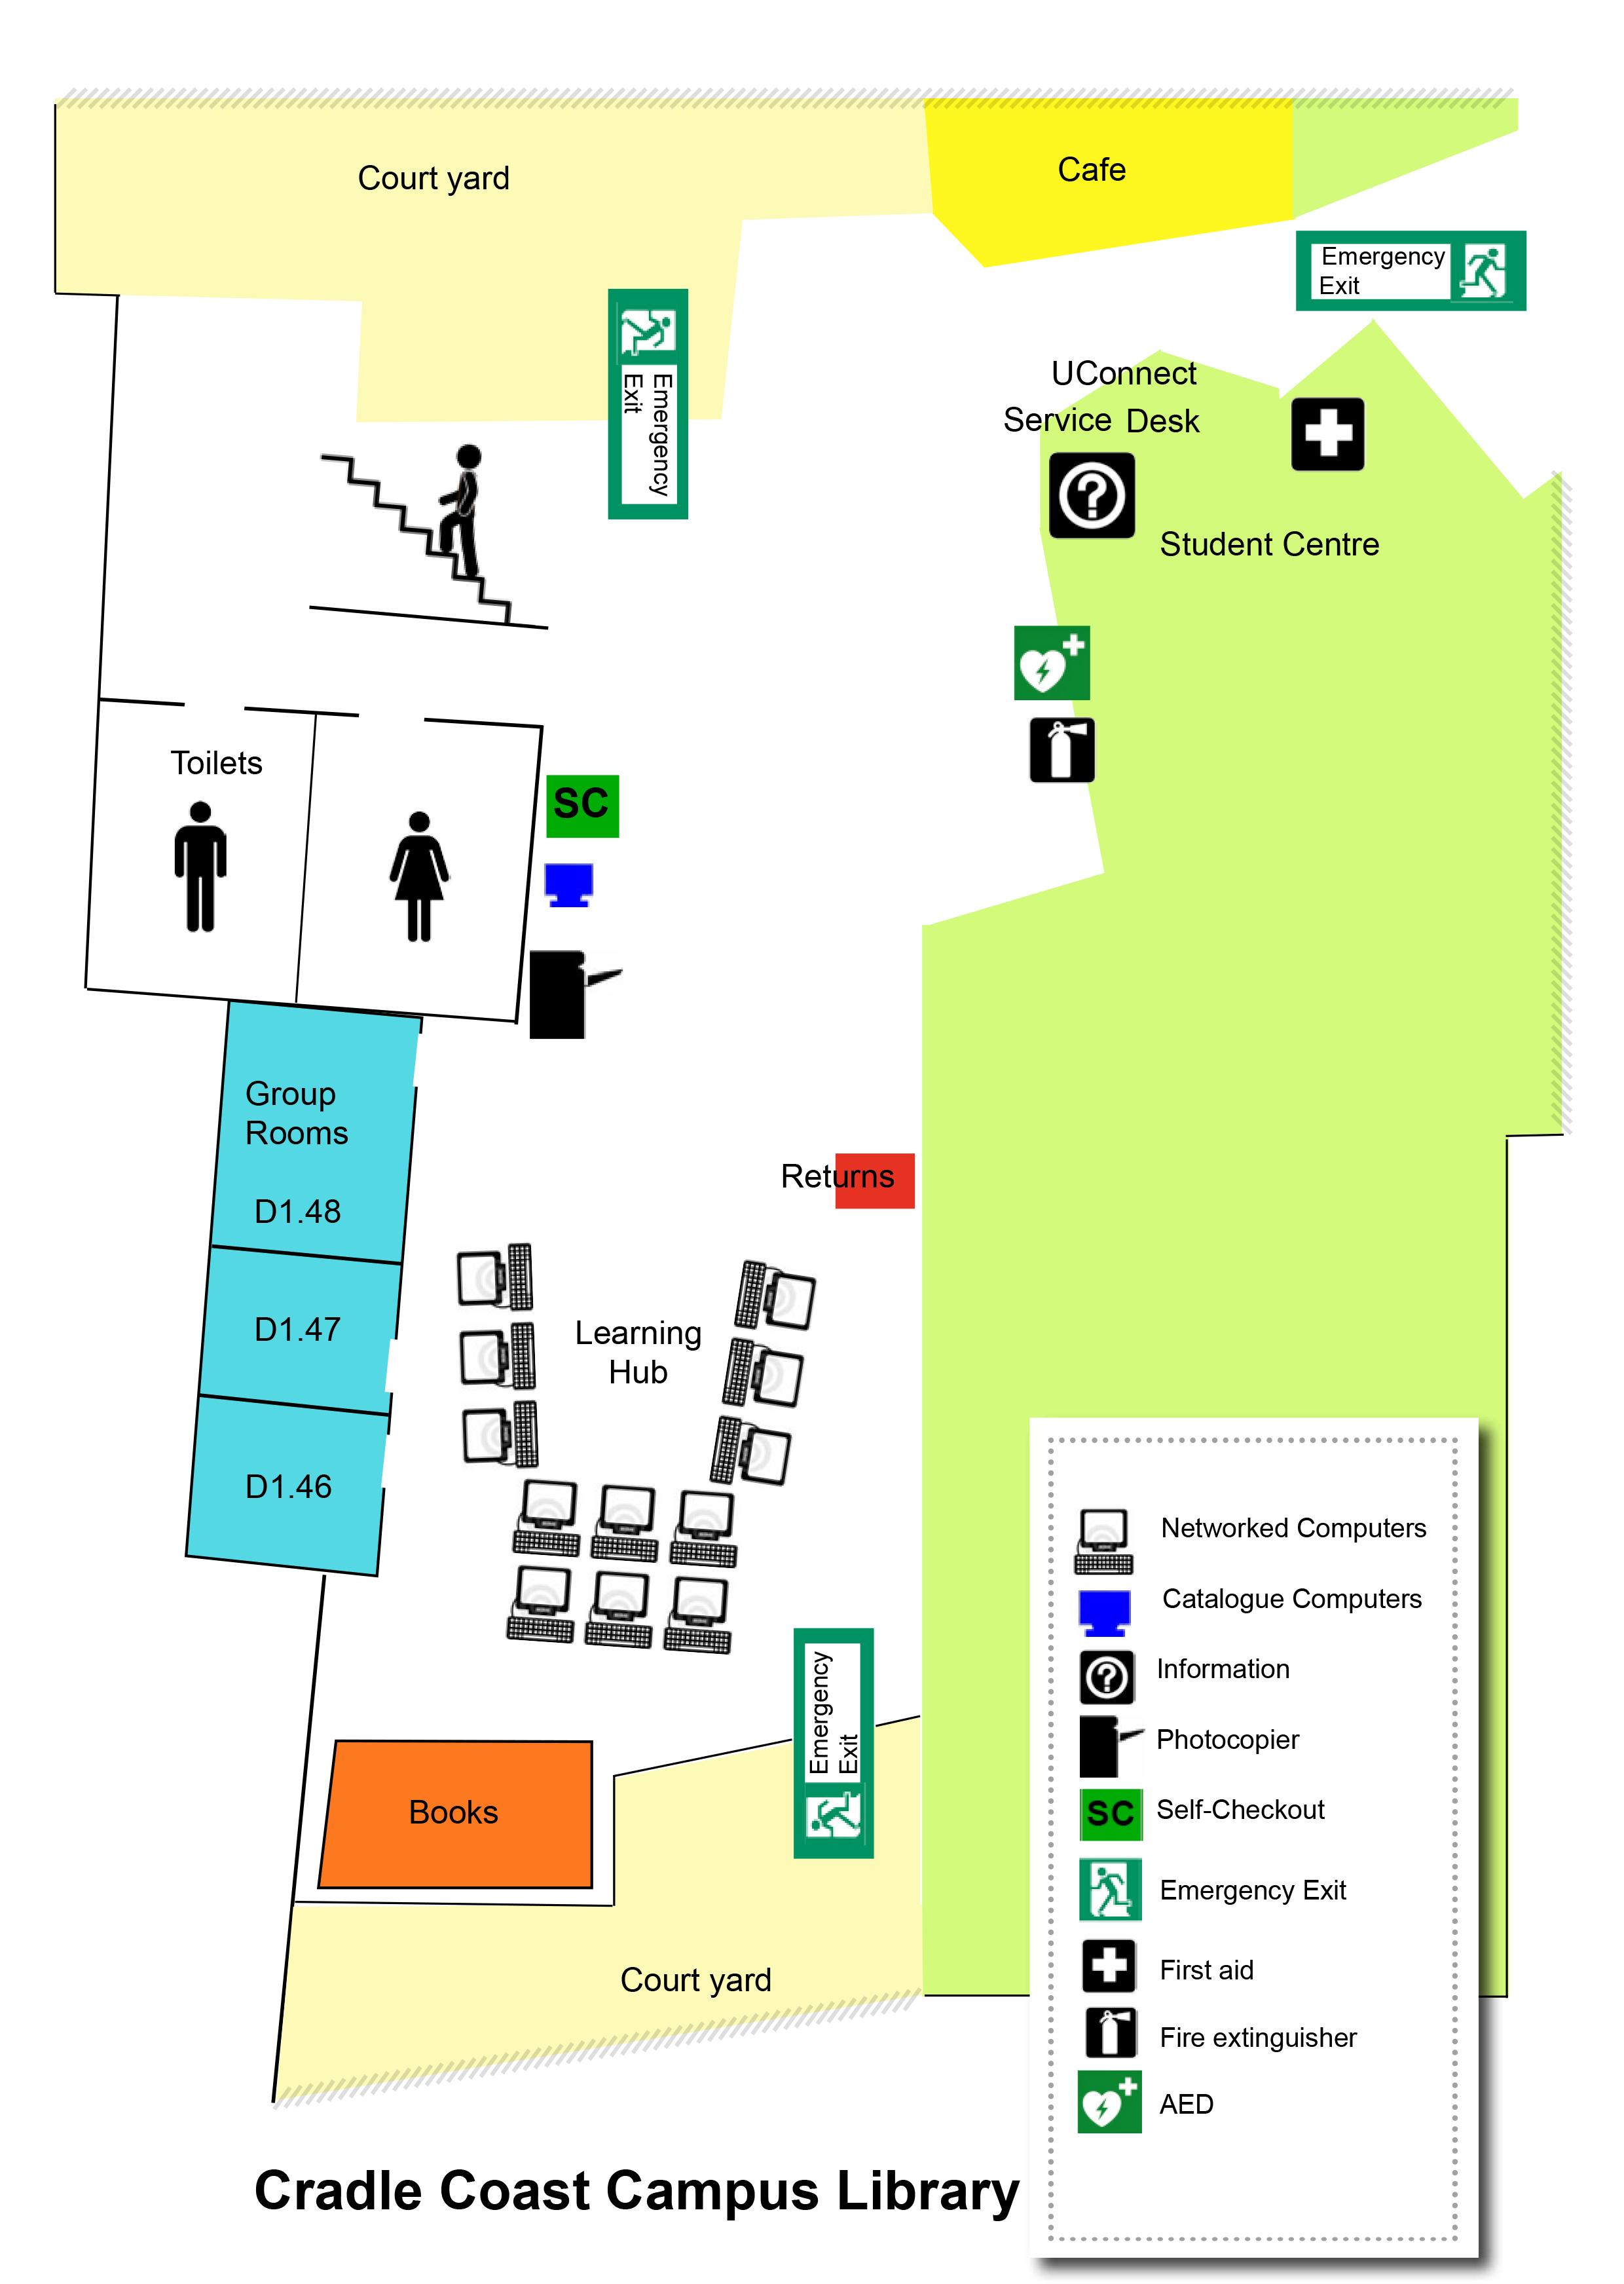 Cradle Coast Campus Library